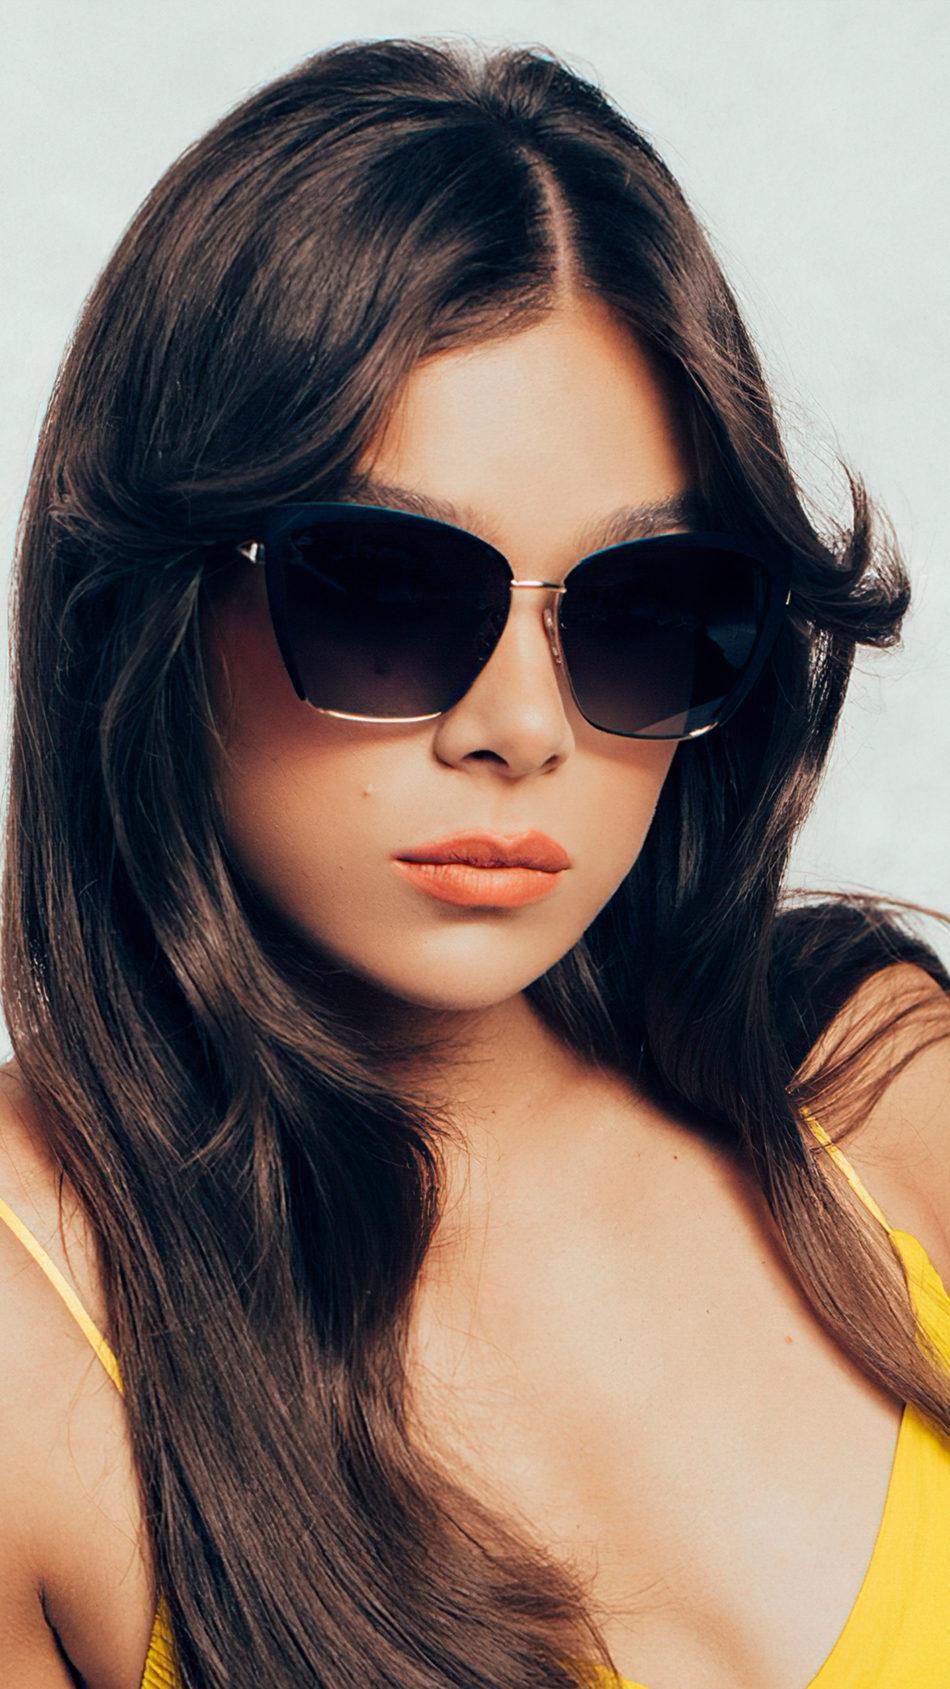 Hailee Steinfeld 2021 Wearing Sun Glass 4K Ultra HD Mobile Wallpaper